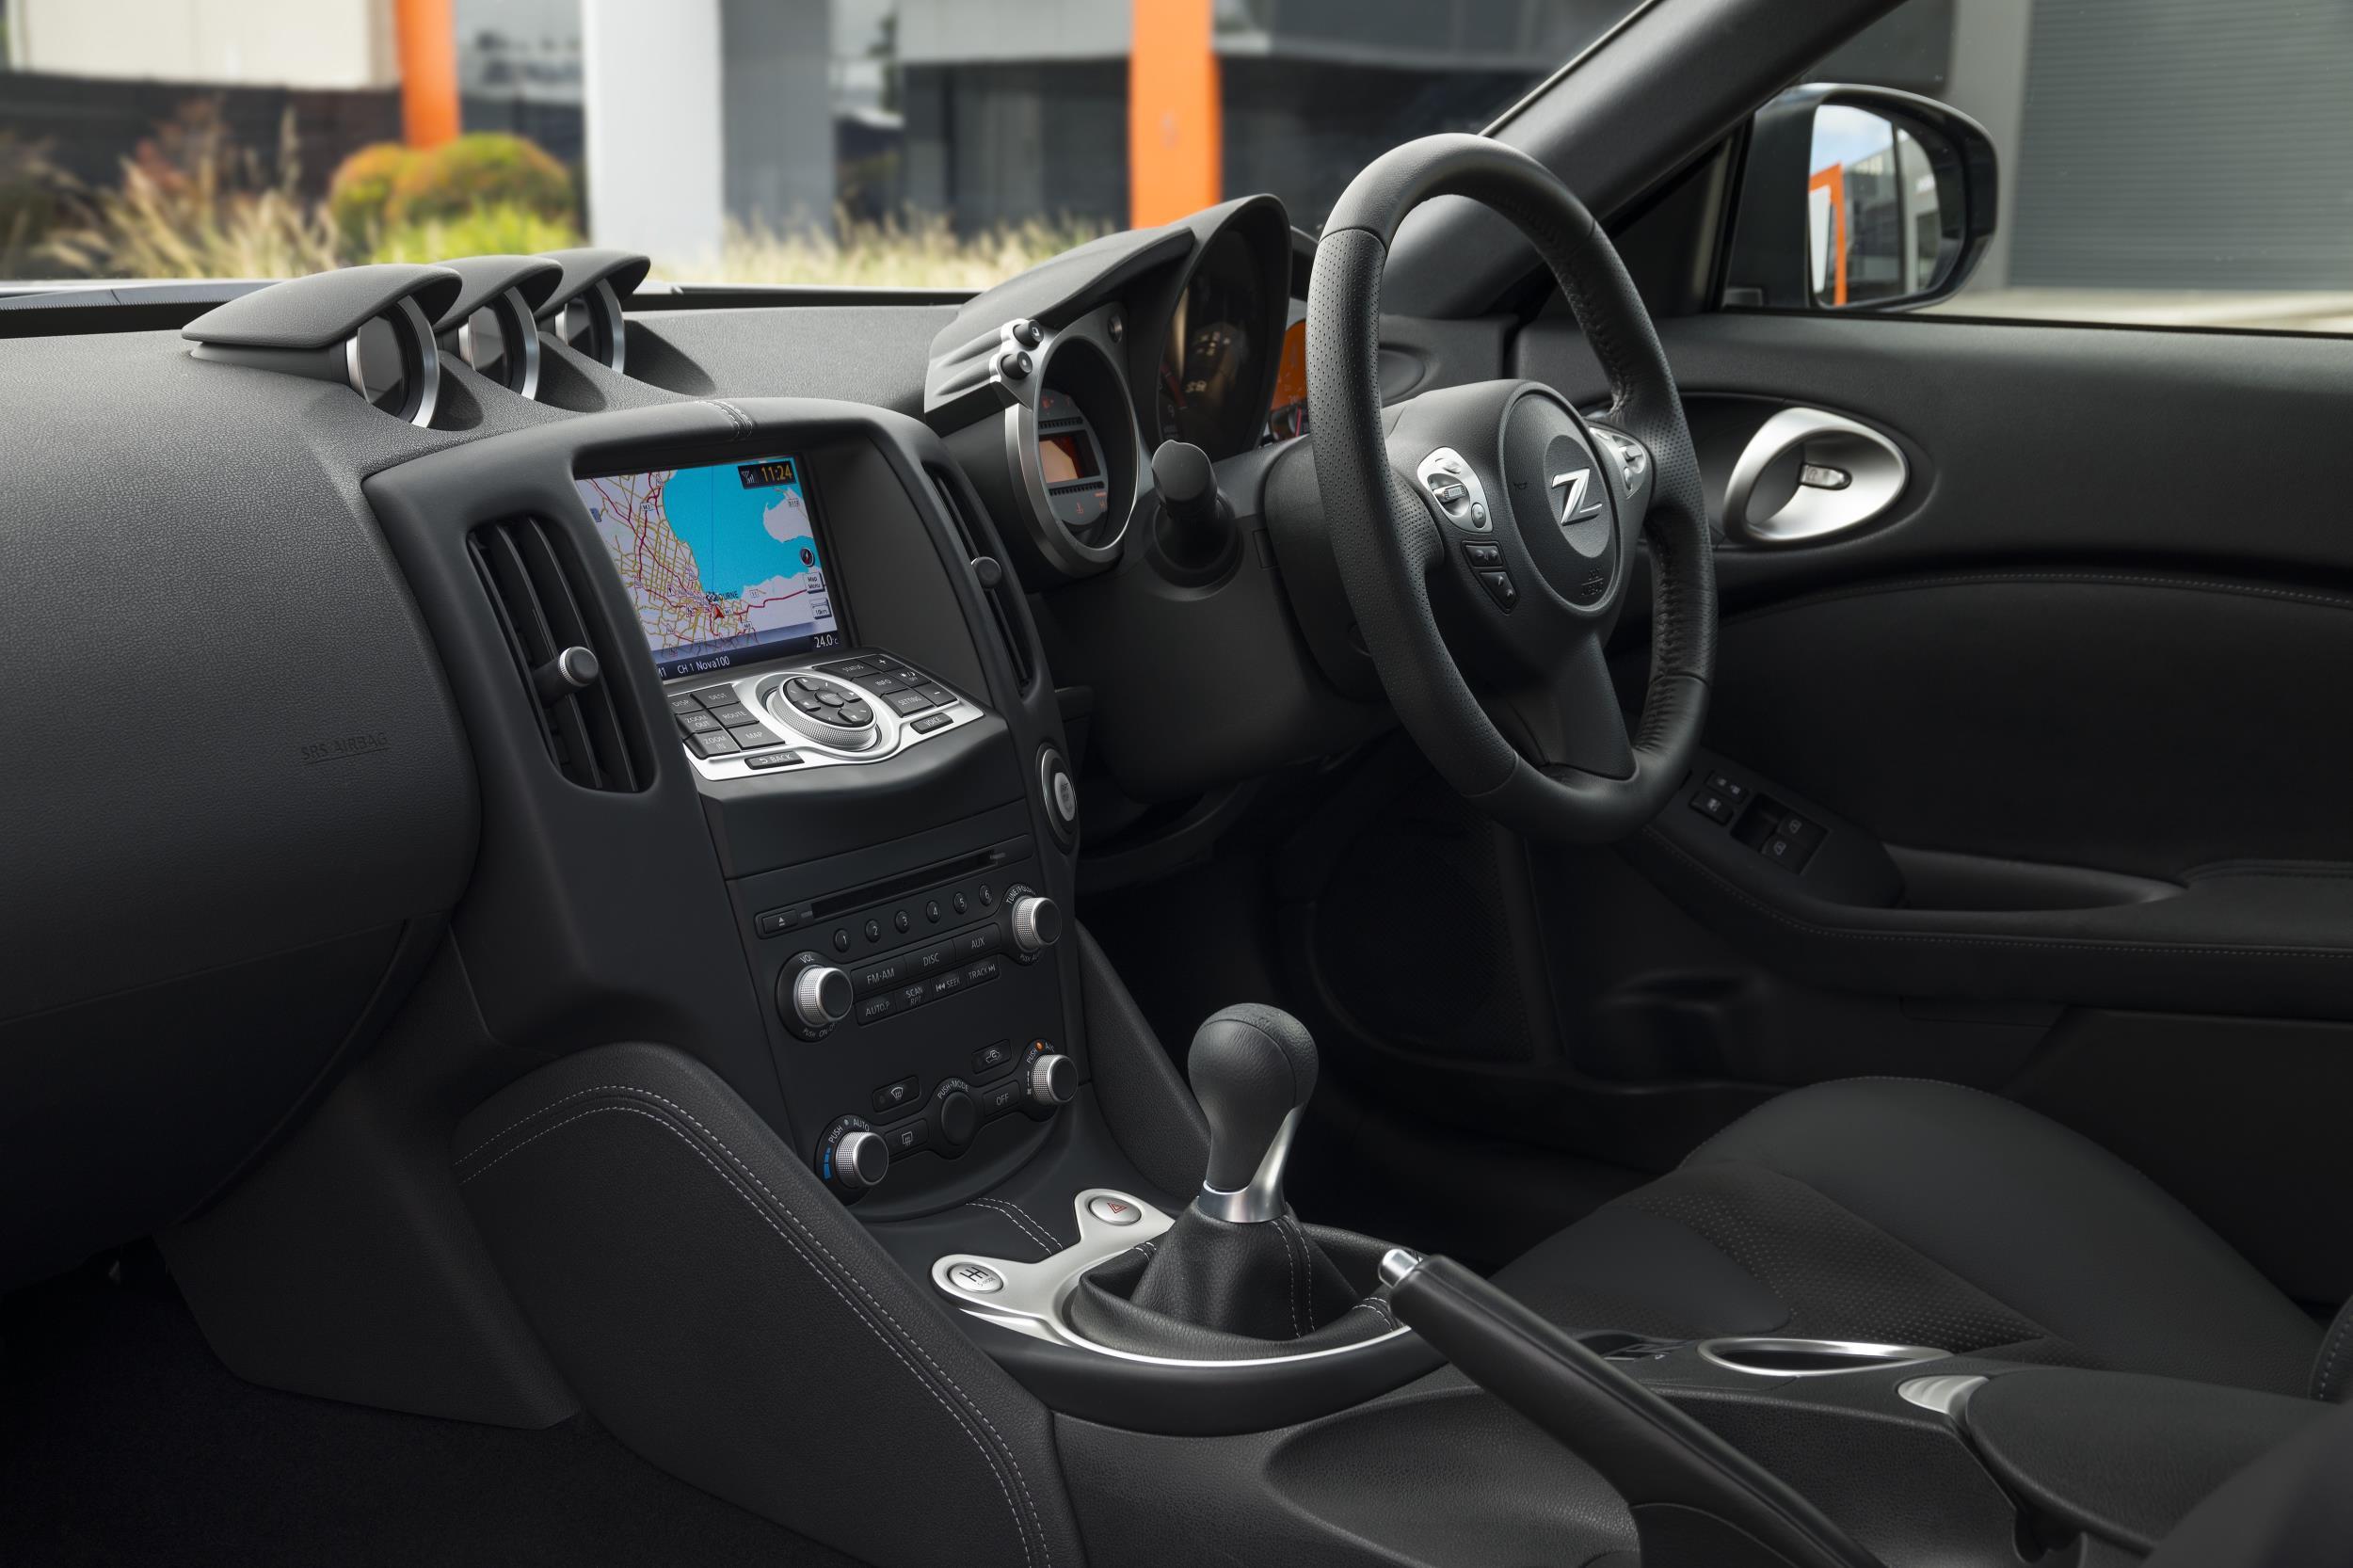 2018 Nissan 370Z update now on sale in Australia